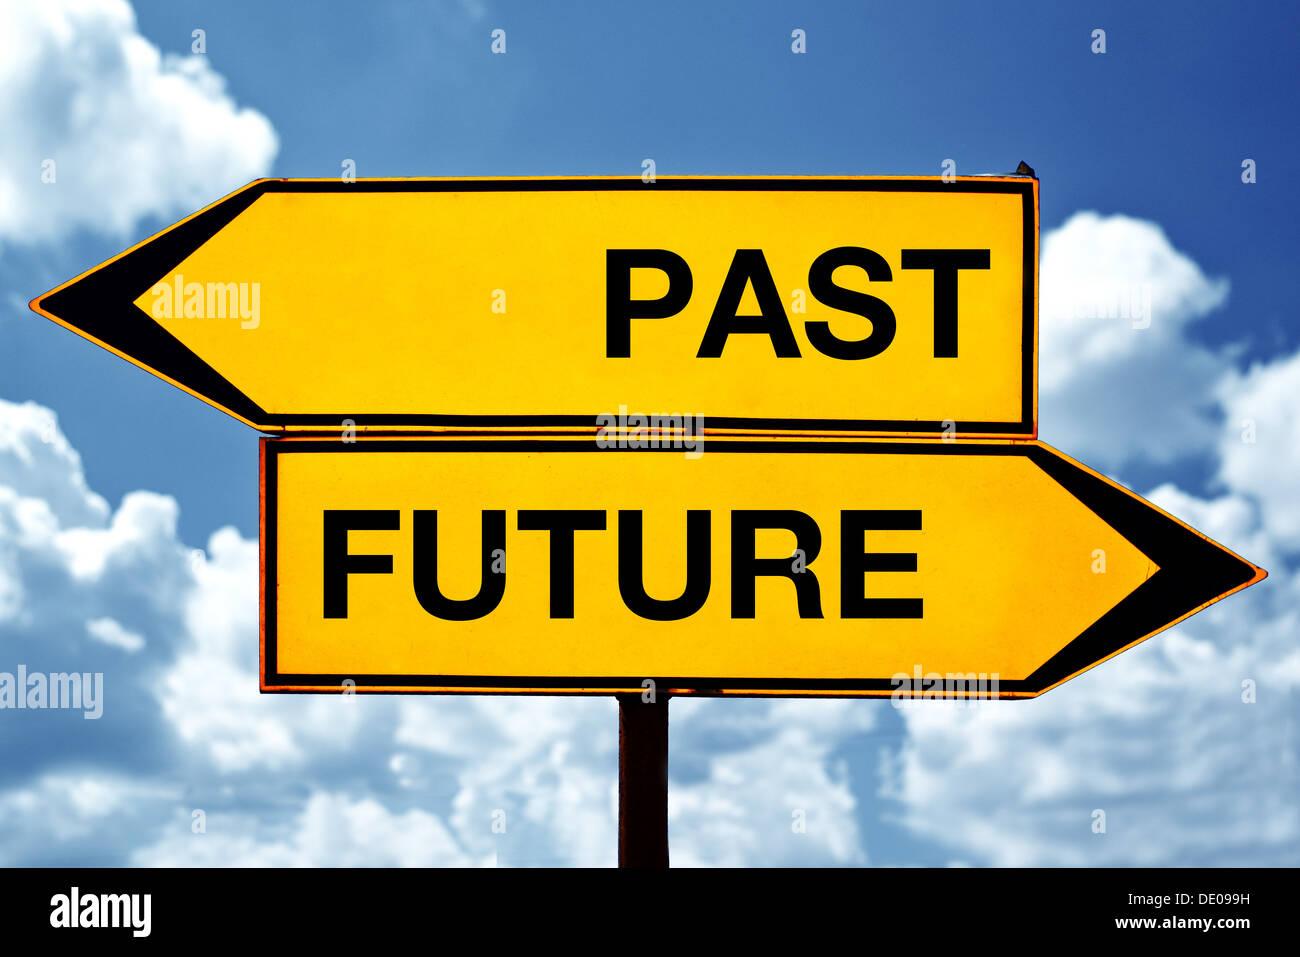 Passato o futuro, segni opposti. Due segni opposti contro il cielo blu sullo sfondo. Immagini Stock